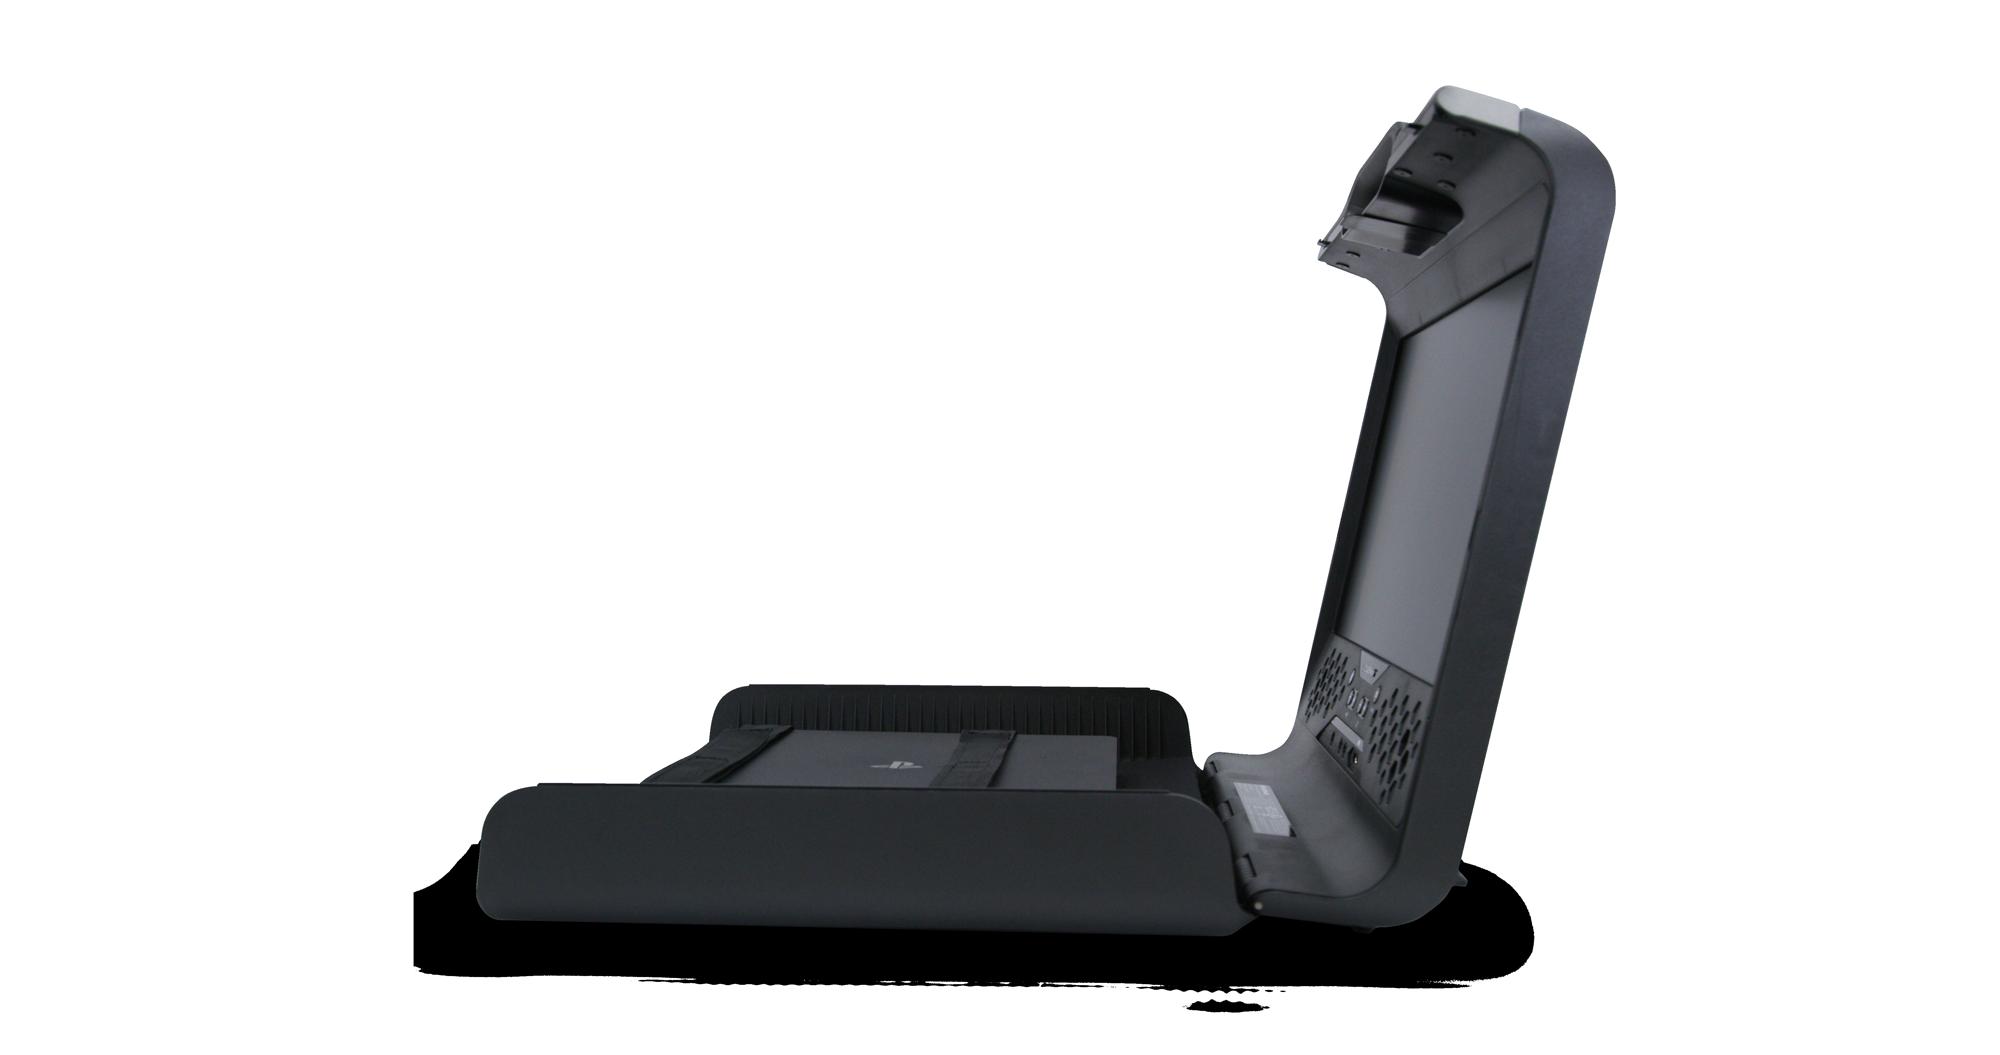 جيمز-شاشة سينتينل برو إكس بي المحمولة G170 مقاس 17.3 بوصة للألعاب بتقنية IPS بدقة 1080 بيكسل-أسود